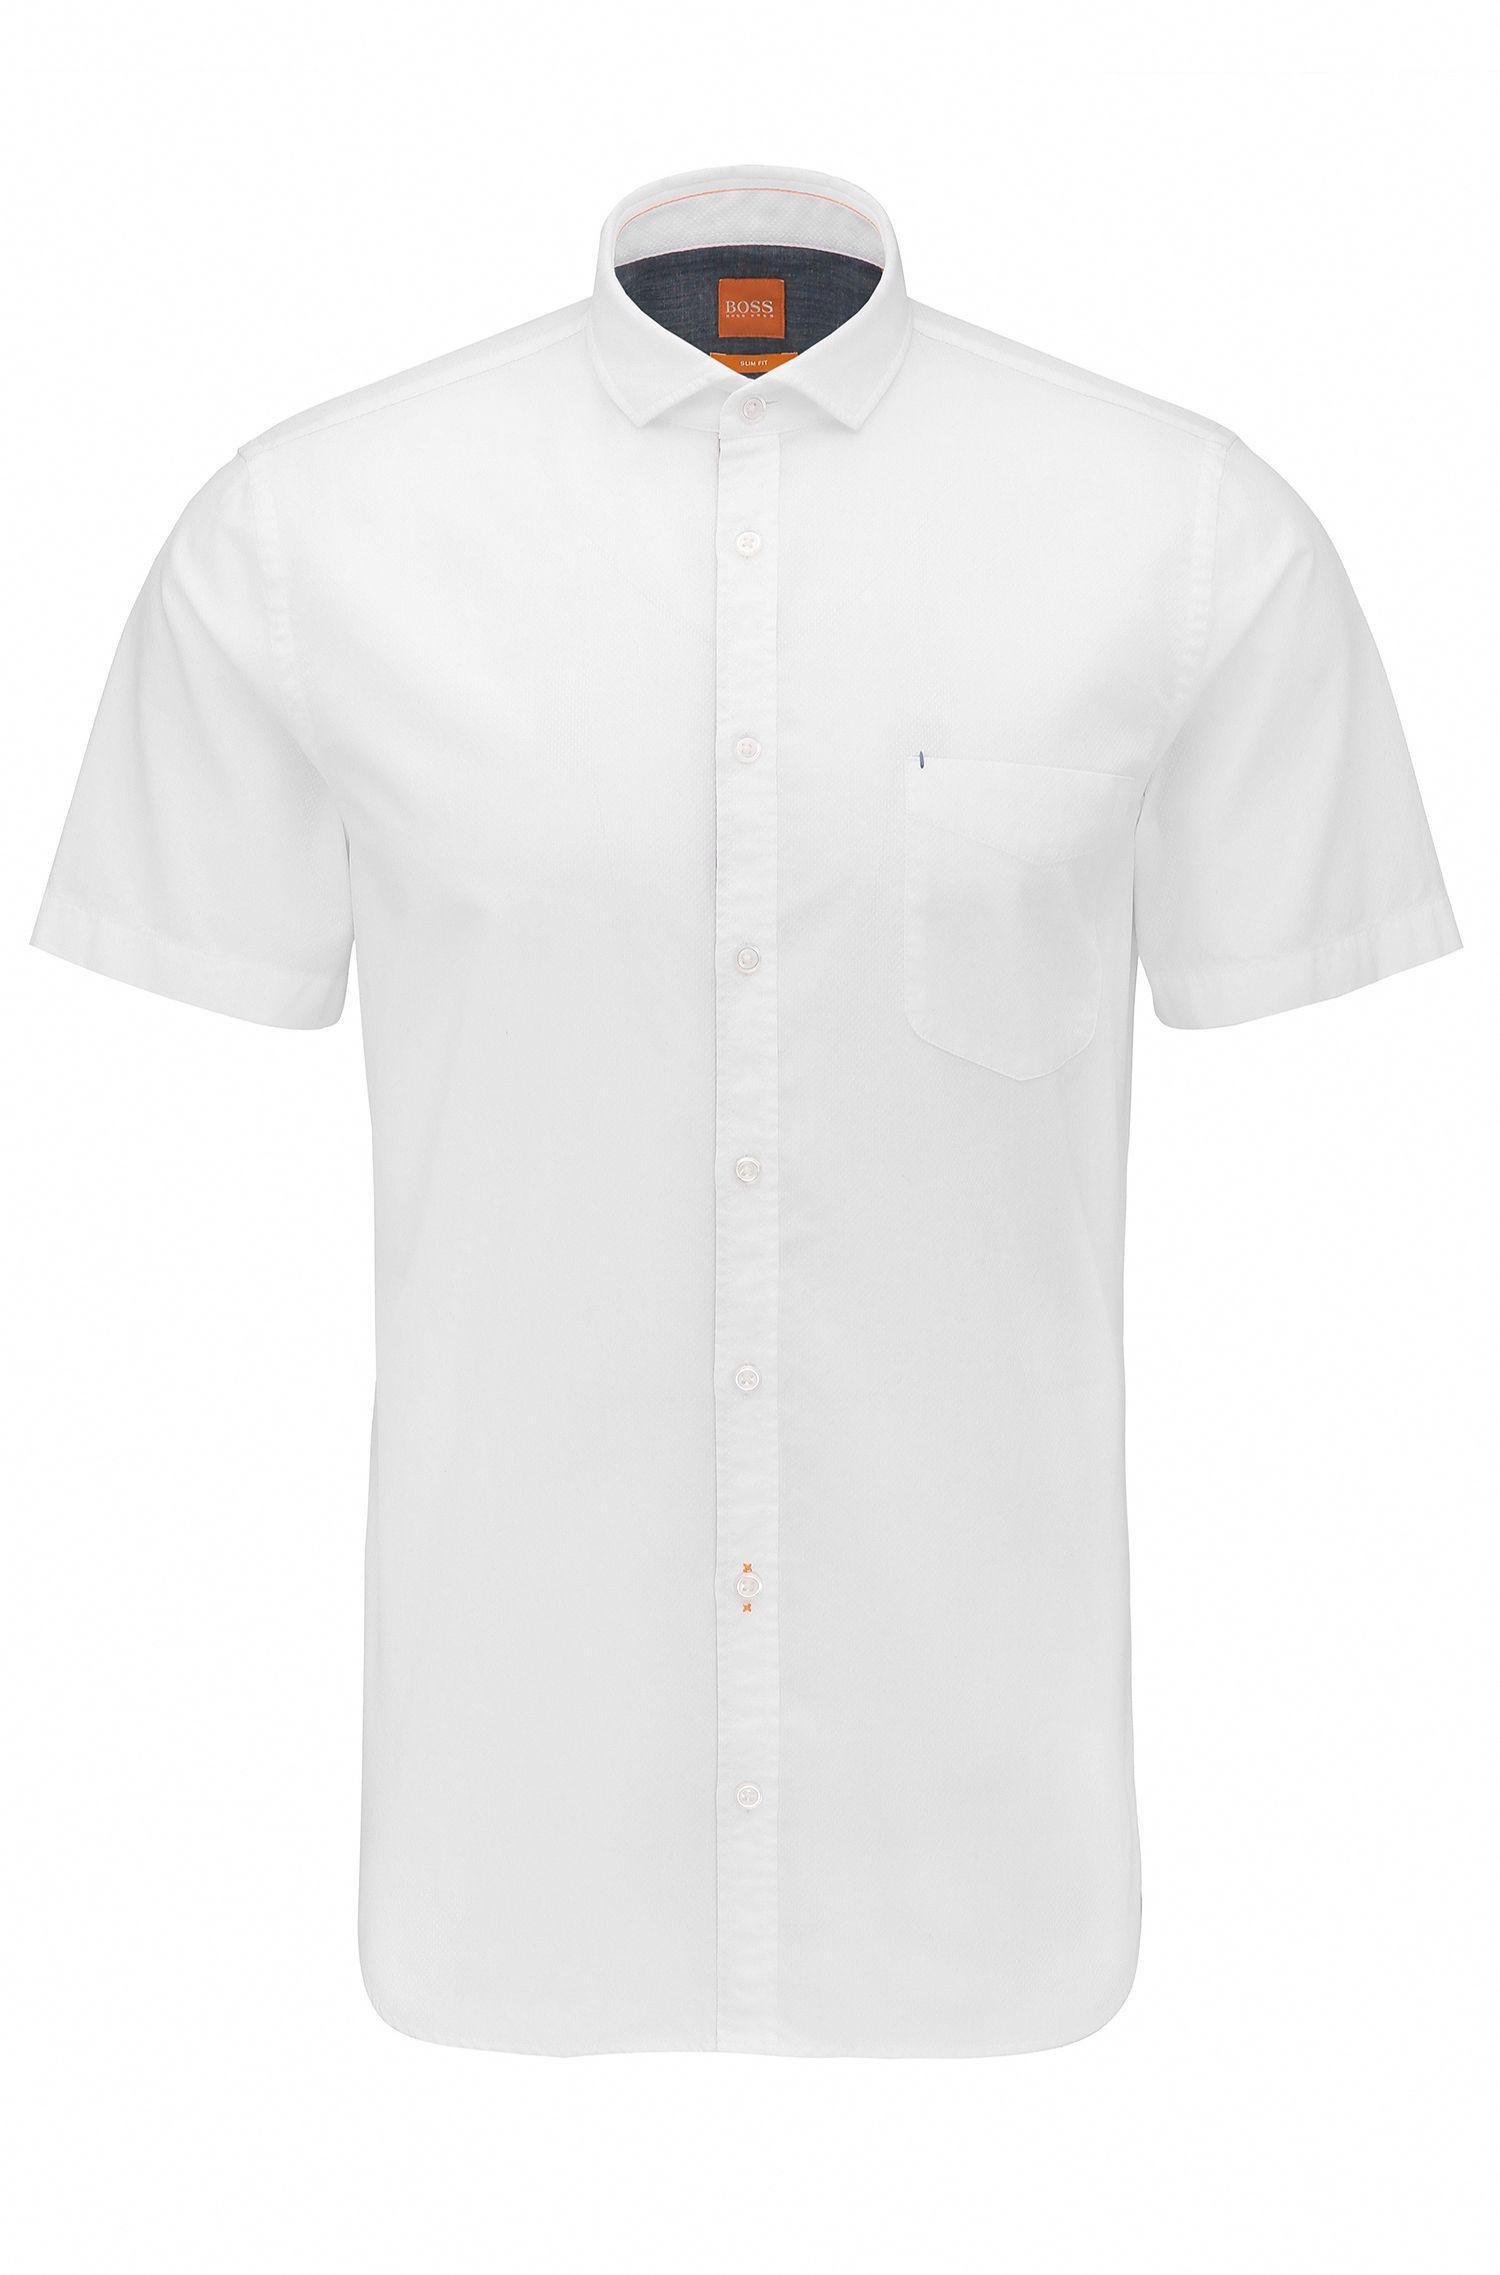 Check Weave Cotton Button Down Shirt, Slim Fit | Cattitude Short